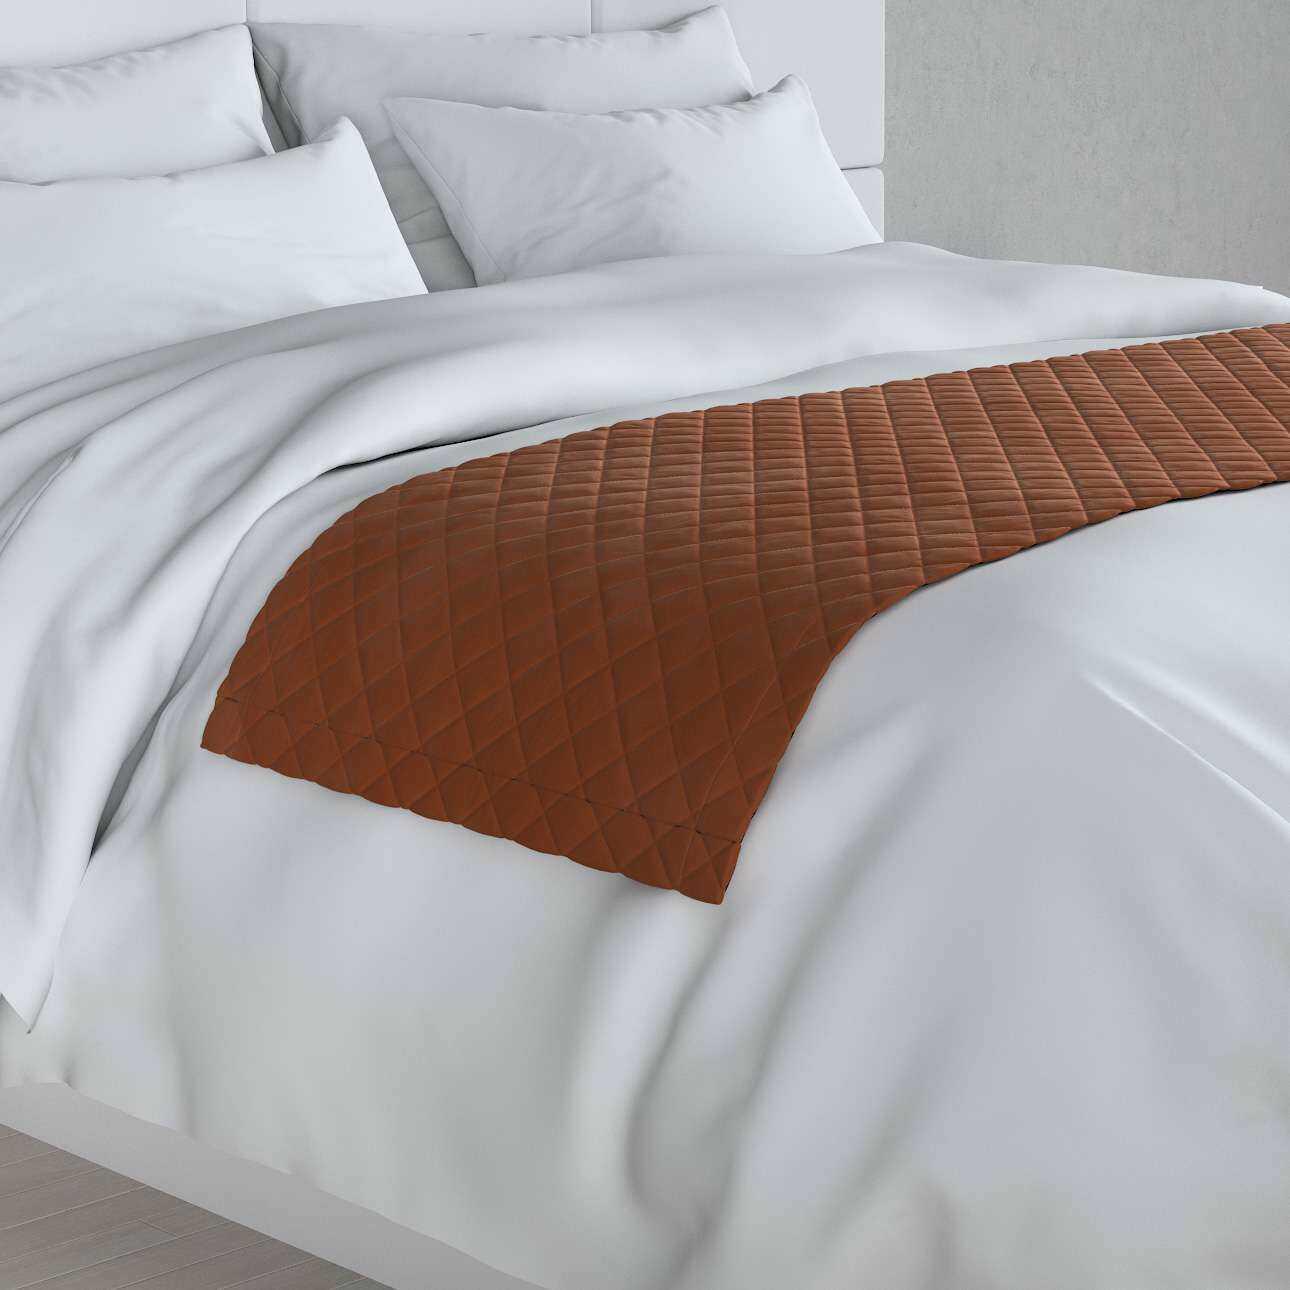 Narzuta hotelowa bieżnik Velvet 60x200cm, karmelowy, 60 x 200 cm, Velvet